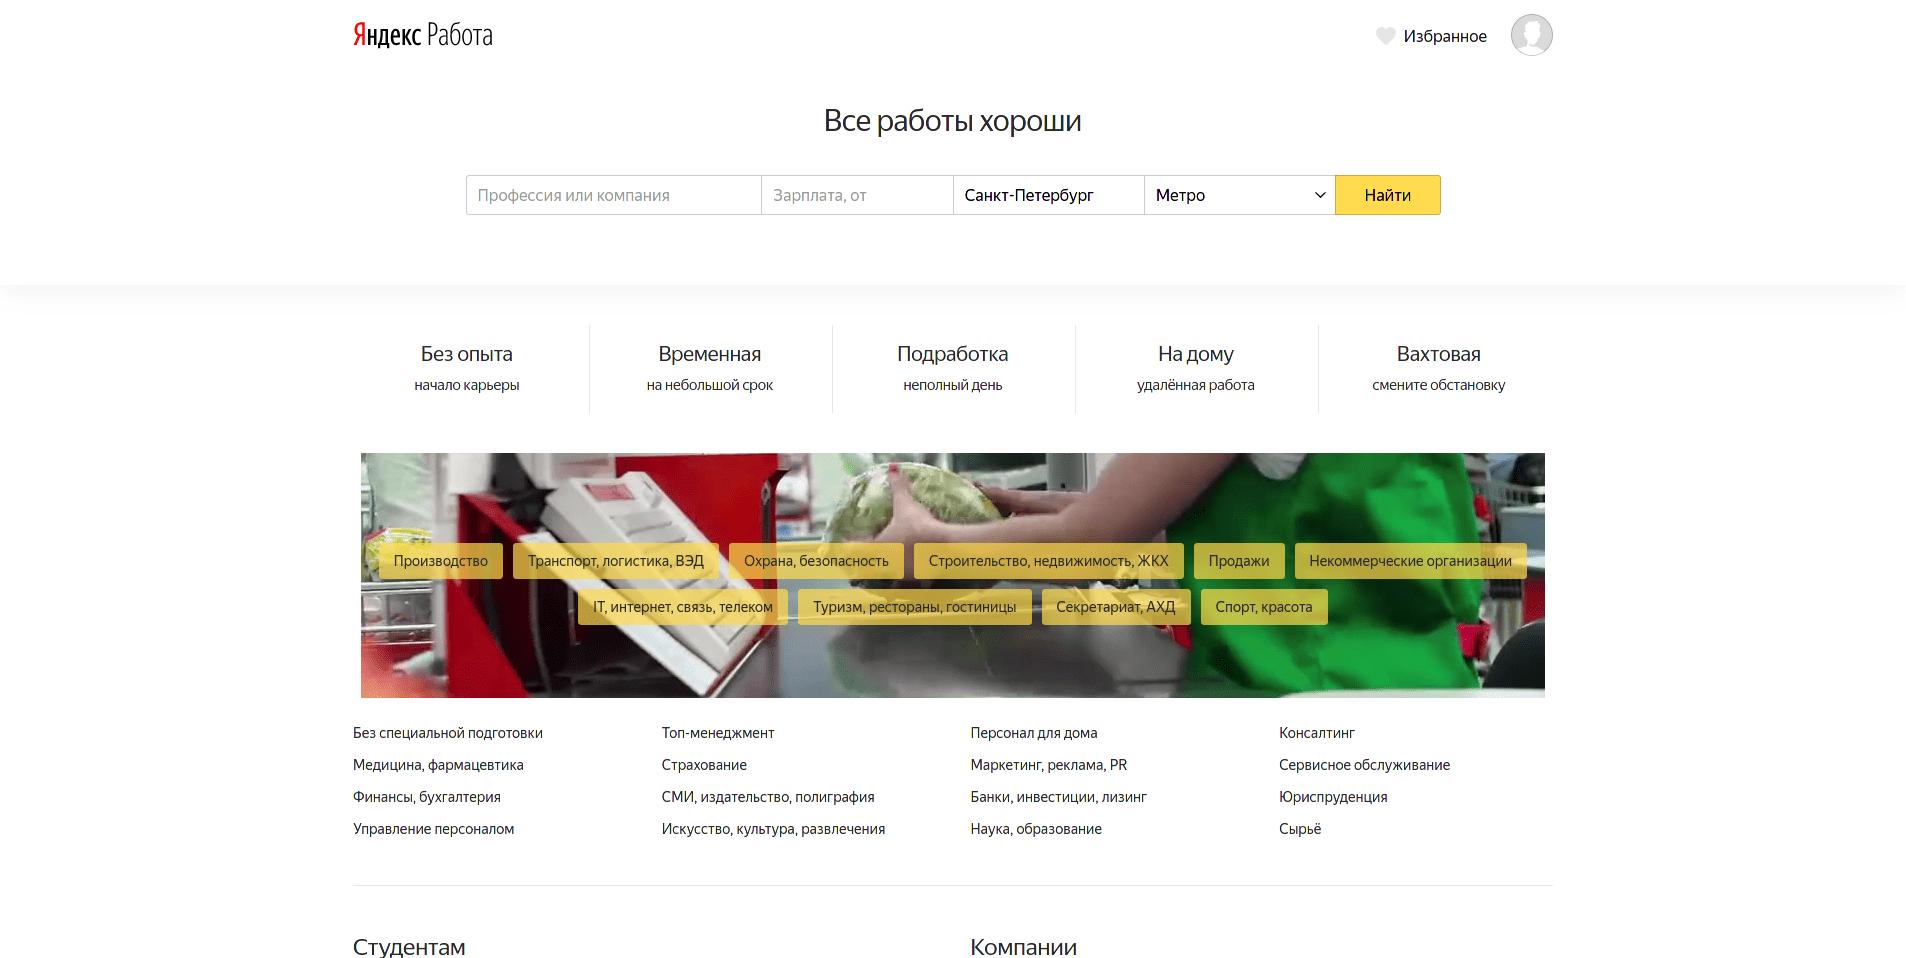 Screenshot_2021-03-05 Яндекс Работа поиск свежих вакансий от прямых работодателей.png